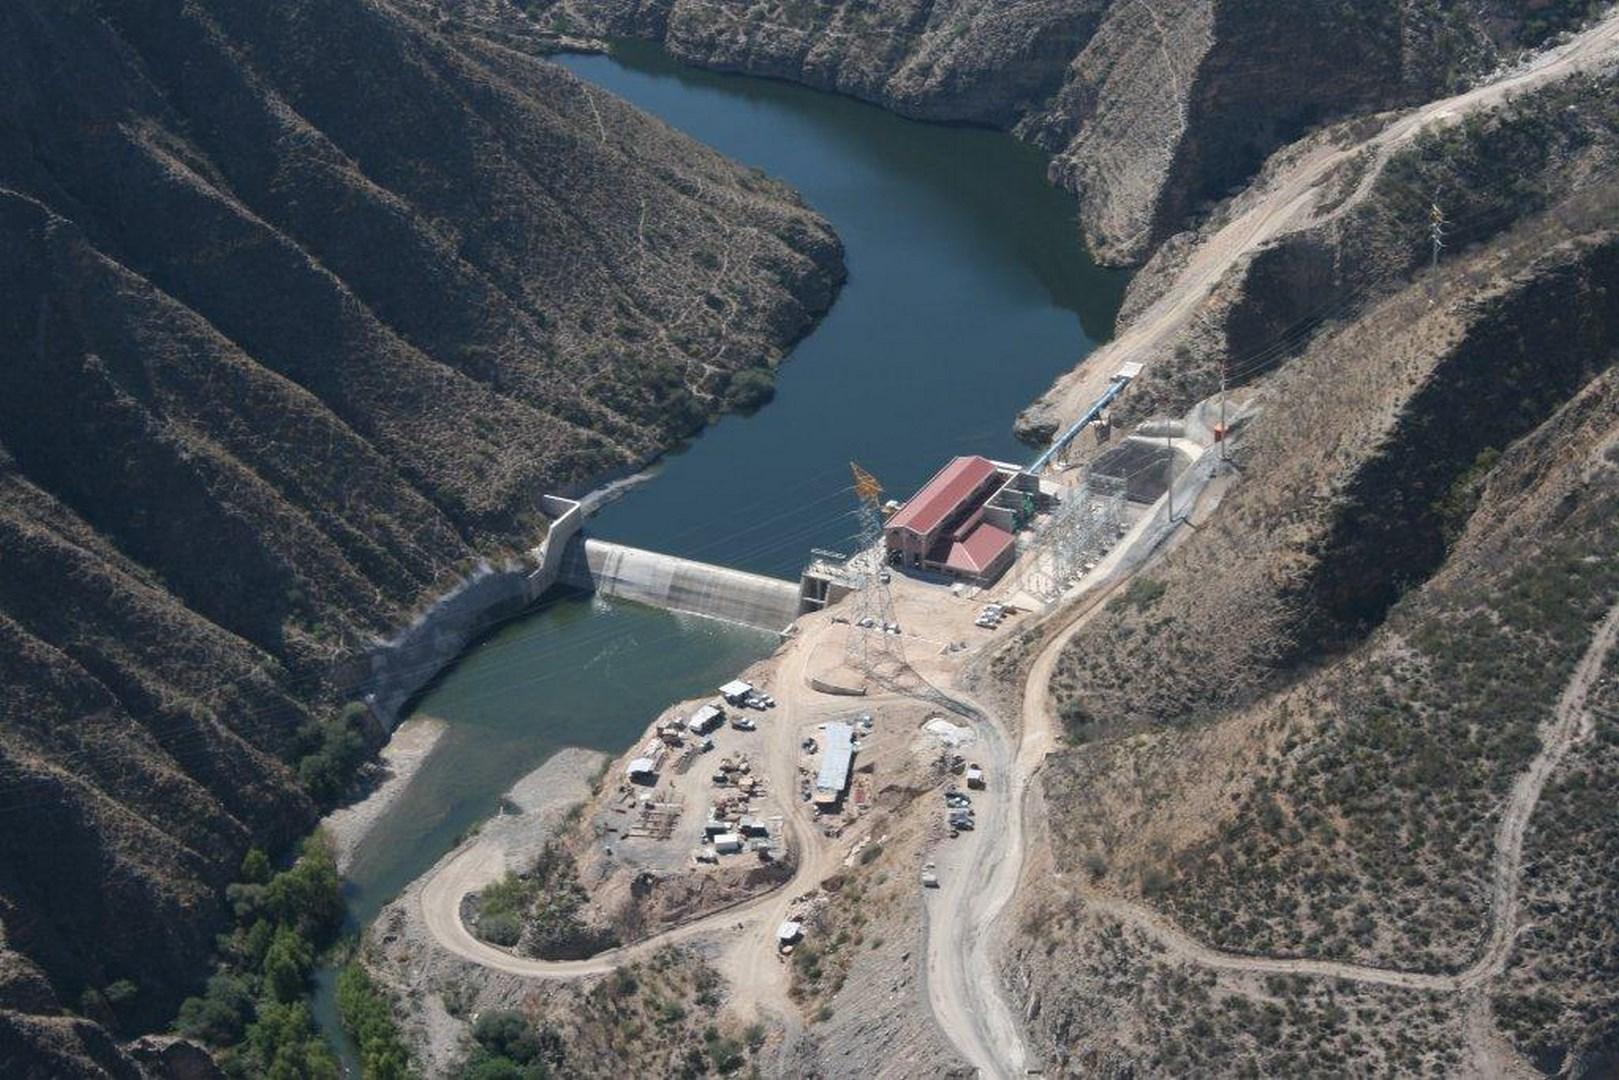 Vista aérea bombeo y presa Querétaro